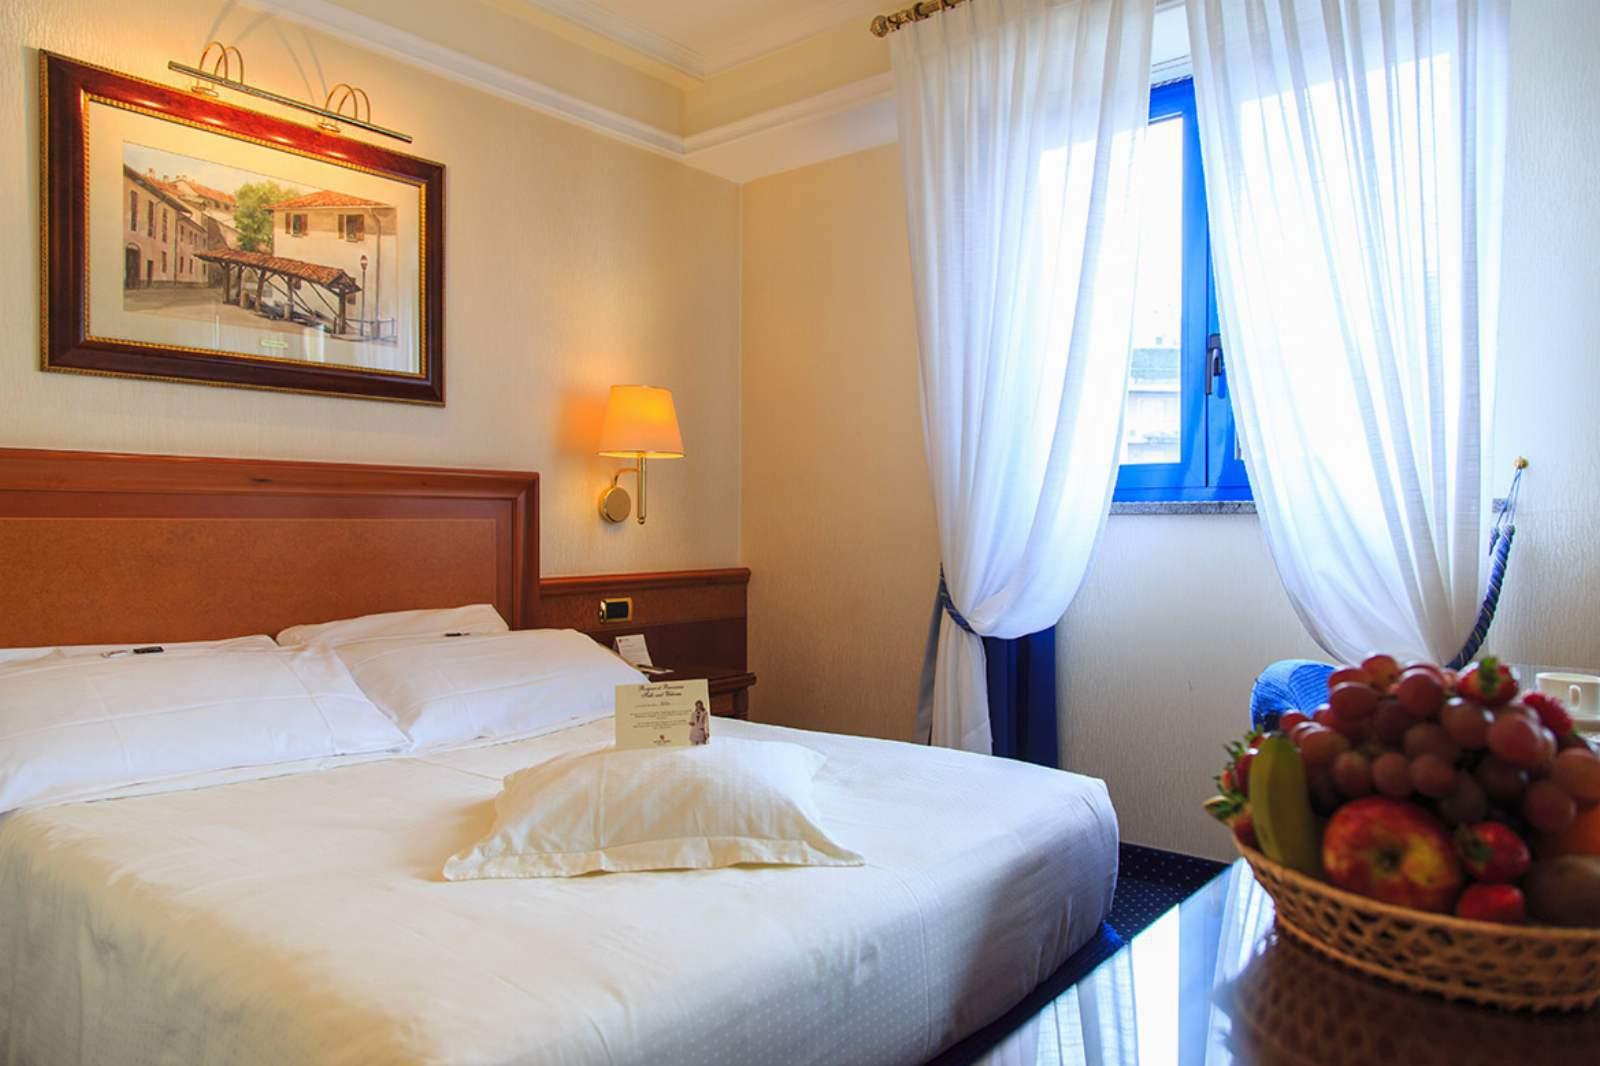 Room at Hotel Berna